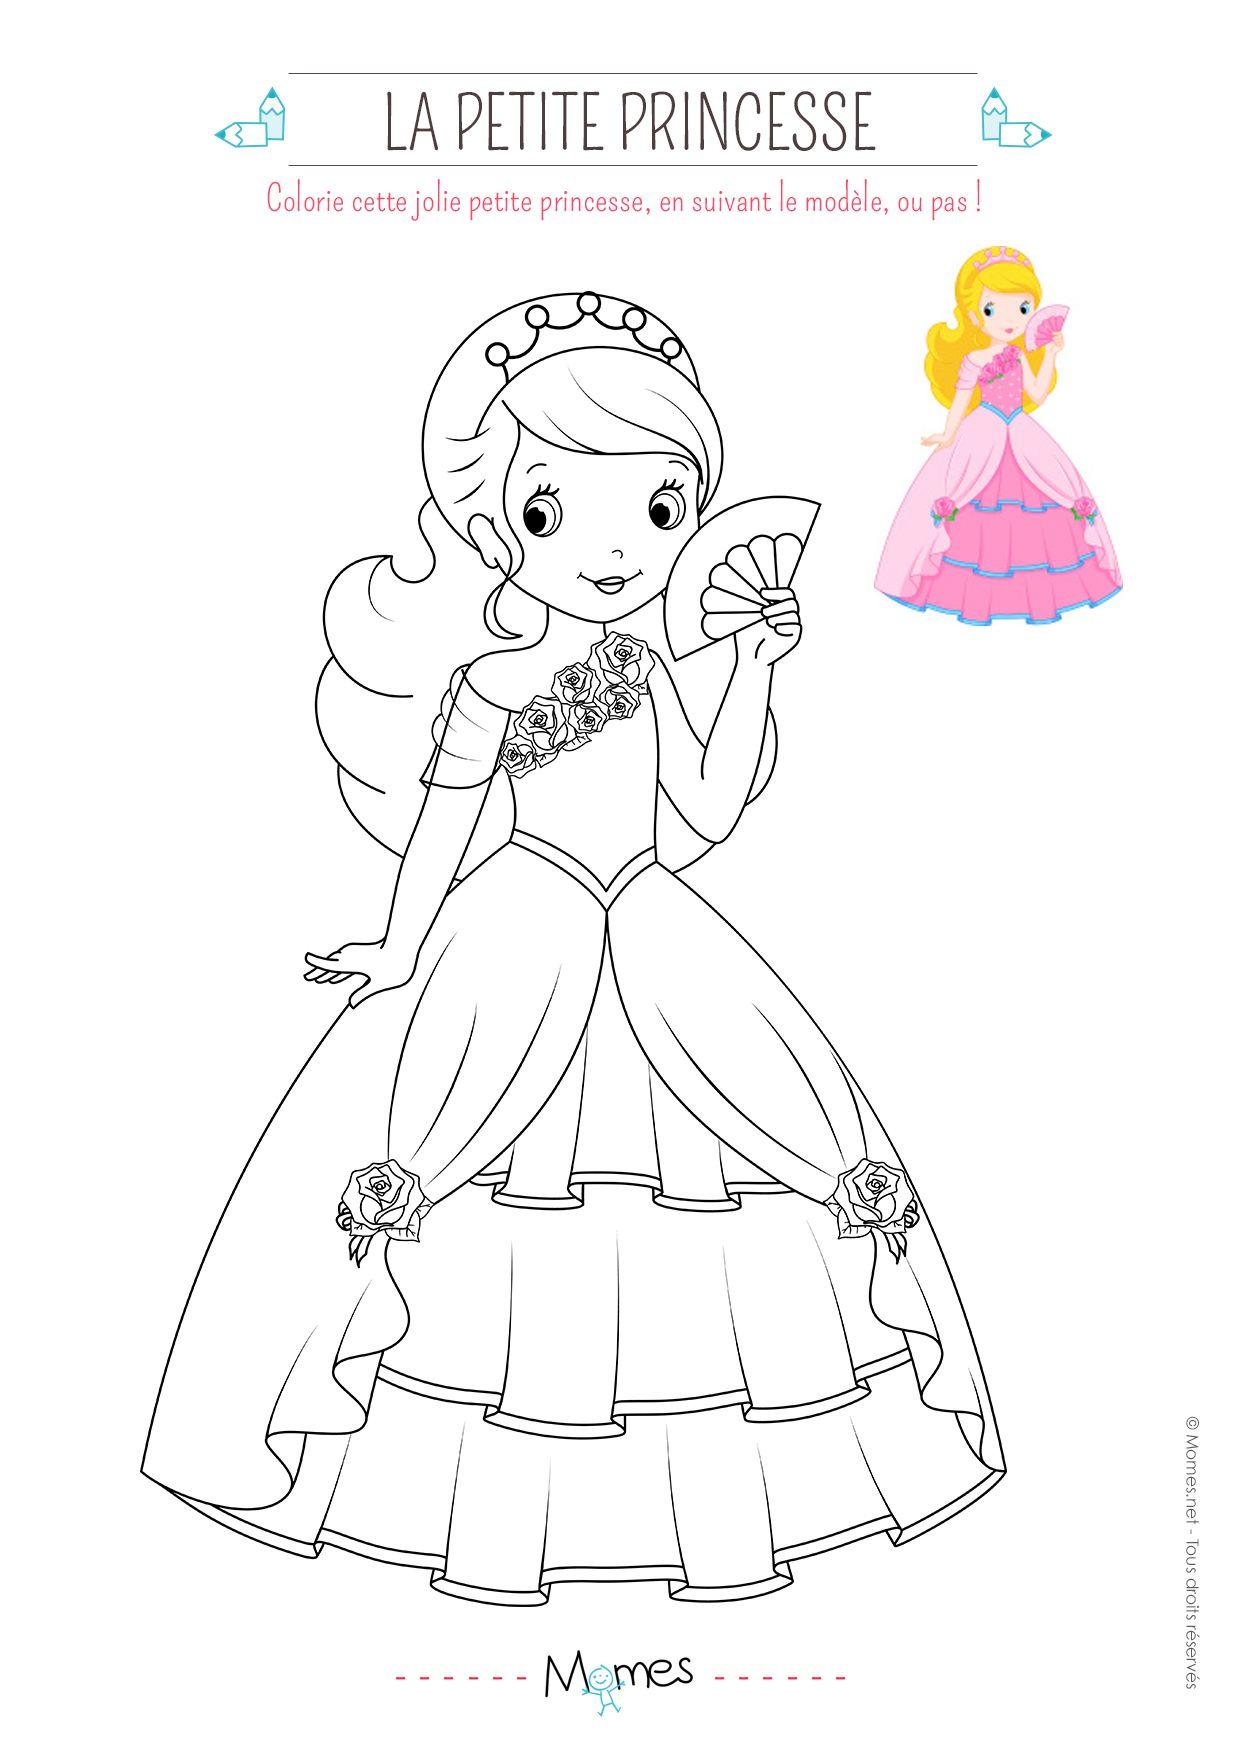 Épinglé Par Marjolaine Grange Sur Coloriage Princesse Et tout Princesse Coloriage